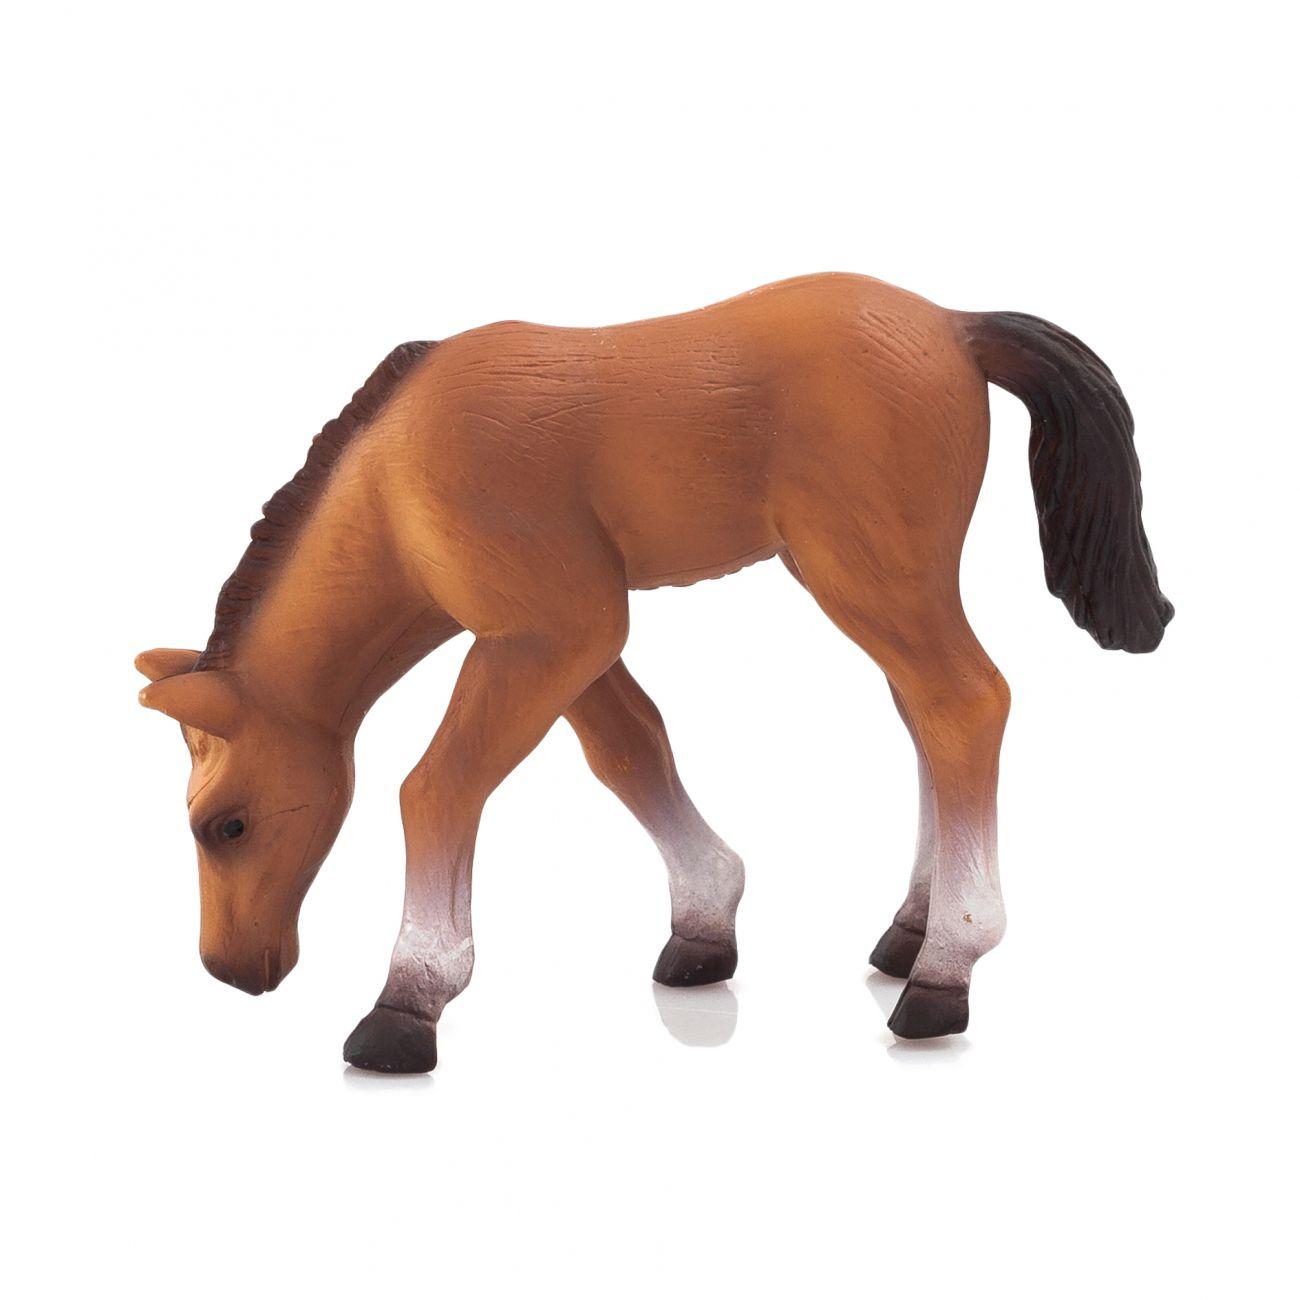 Arabski žrebec